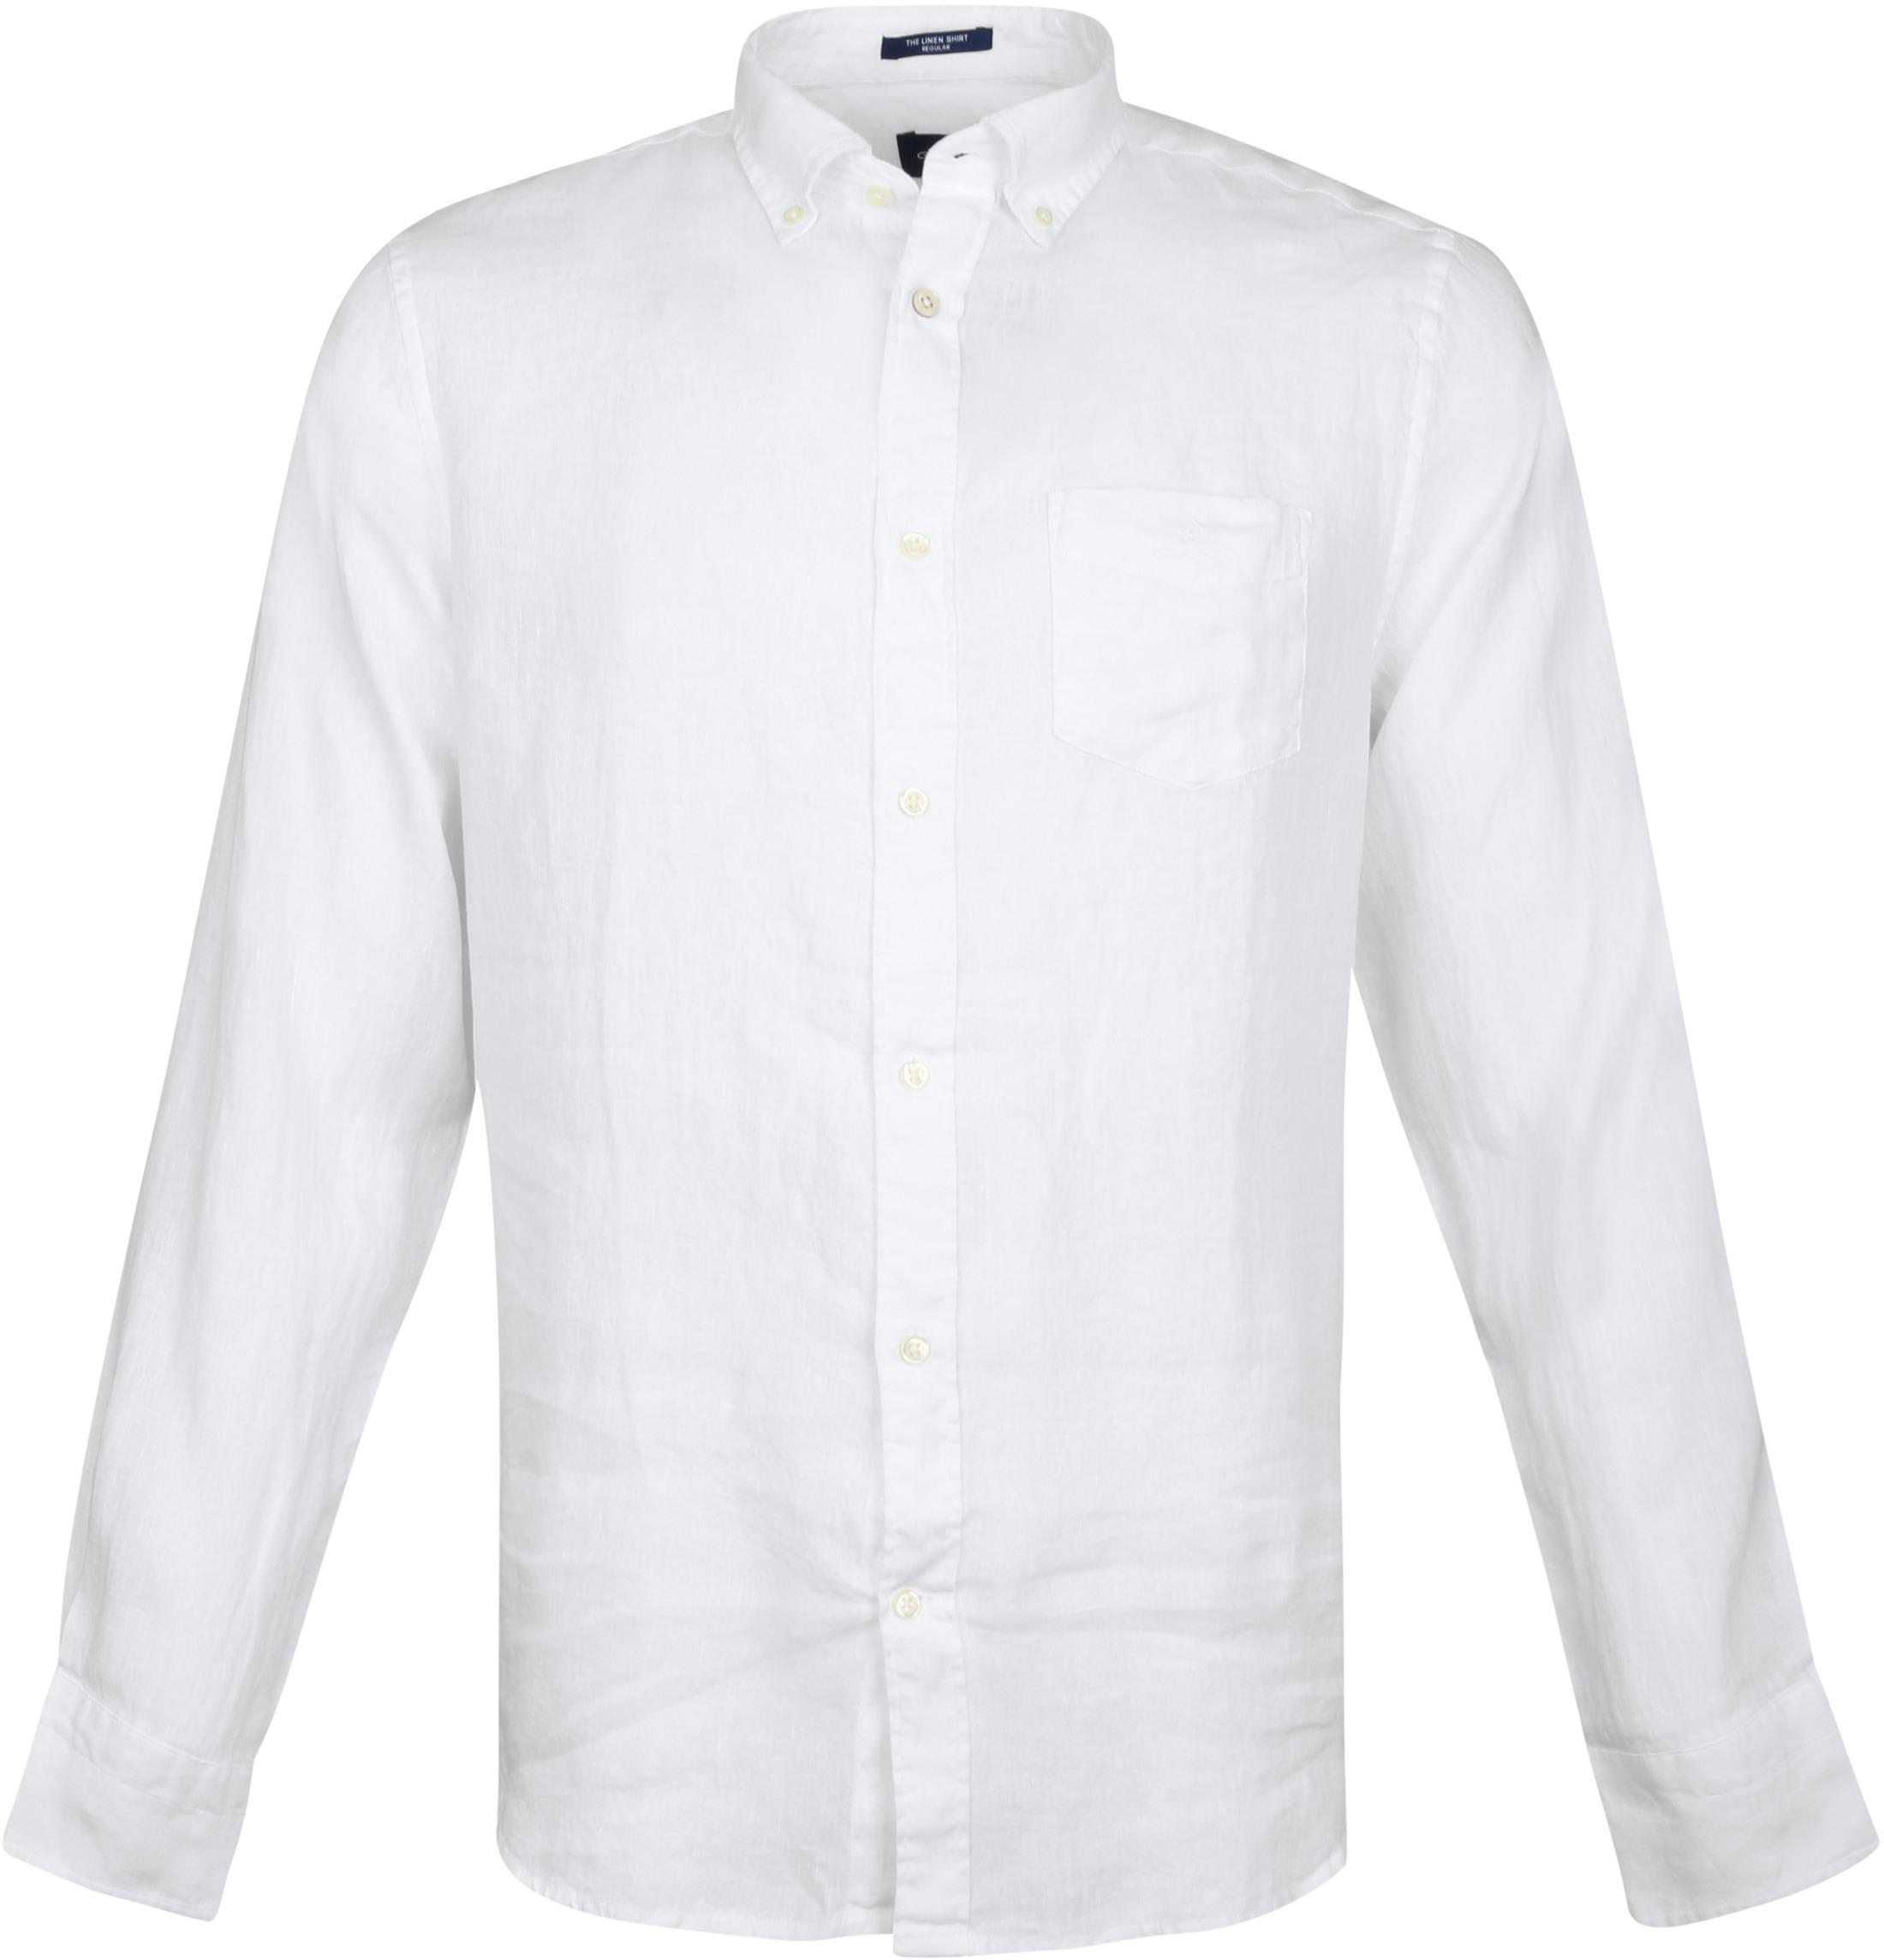 Gant Overhemd Linnen Wit